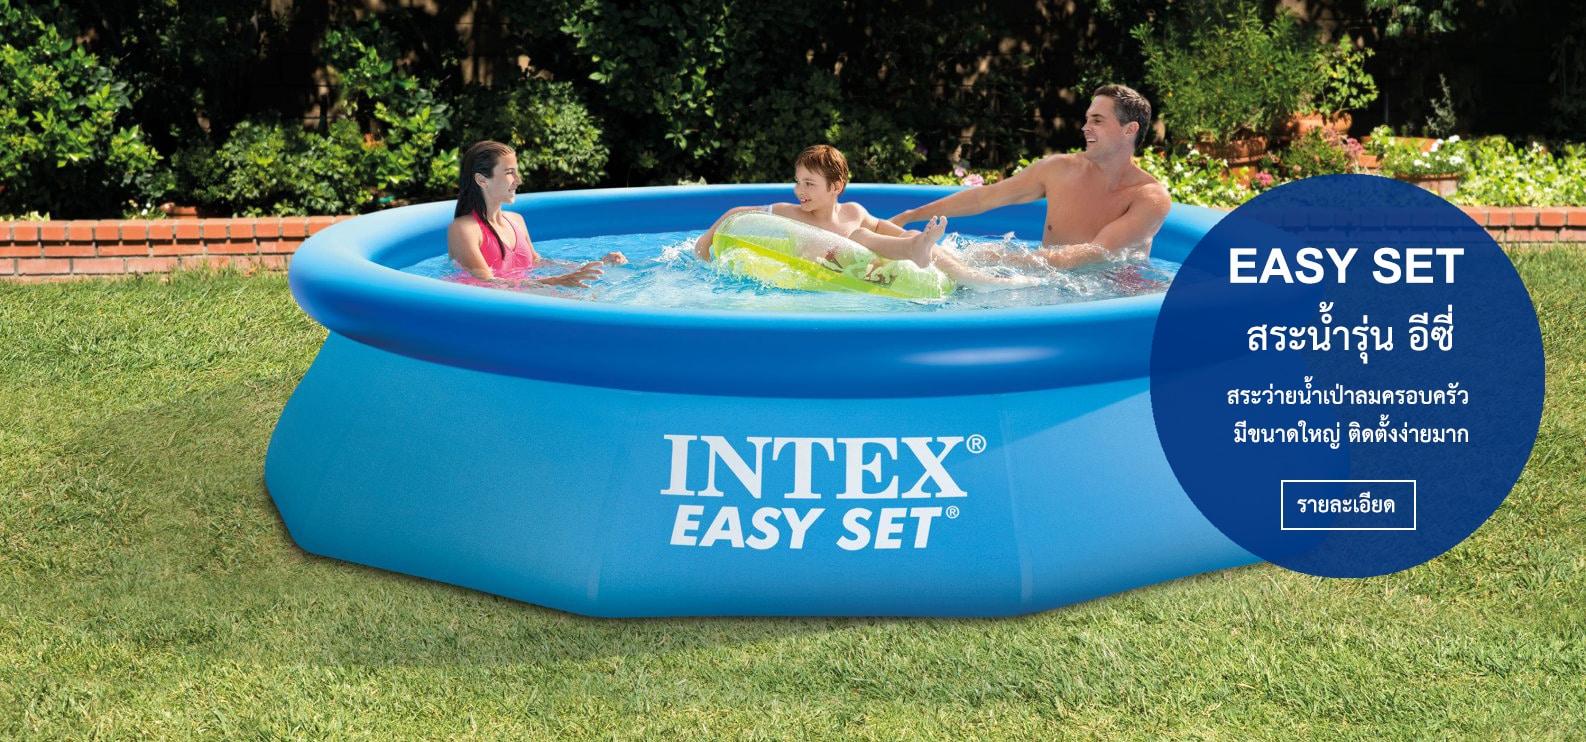 สระน้ำเป่าลม Intex Easy Set